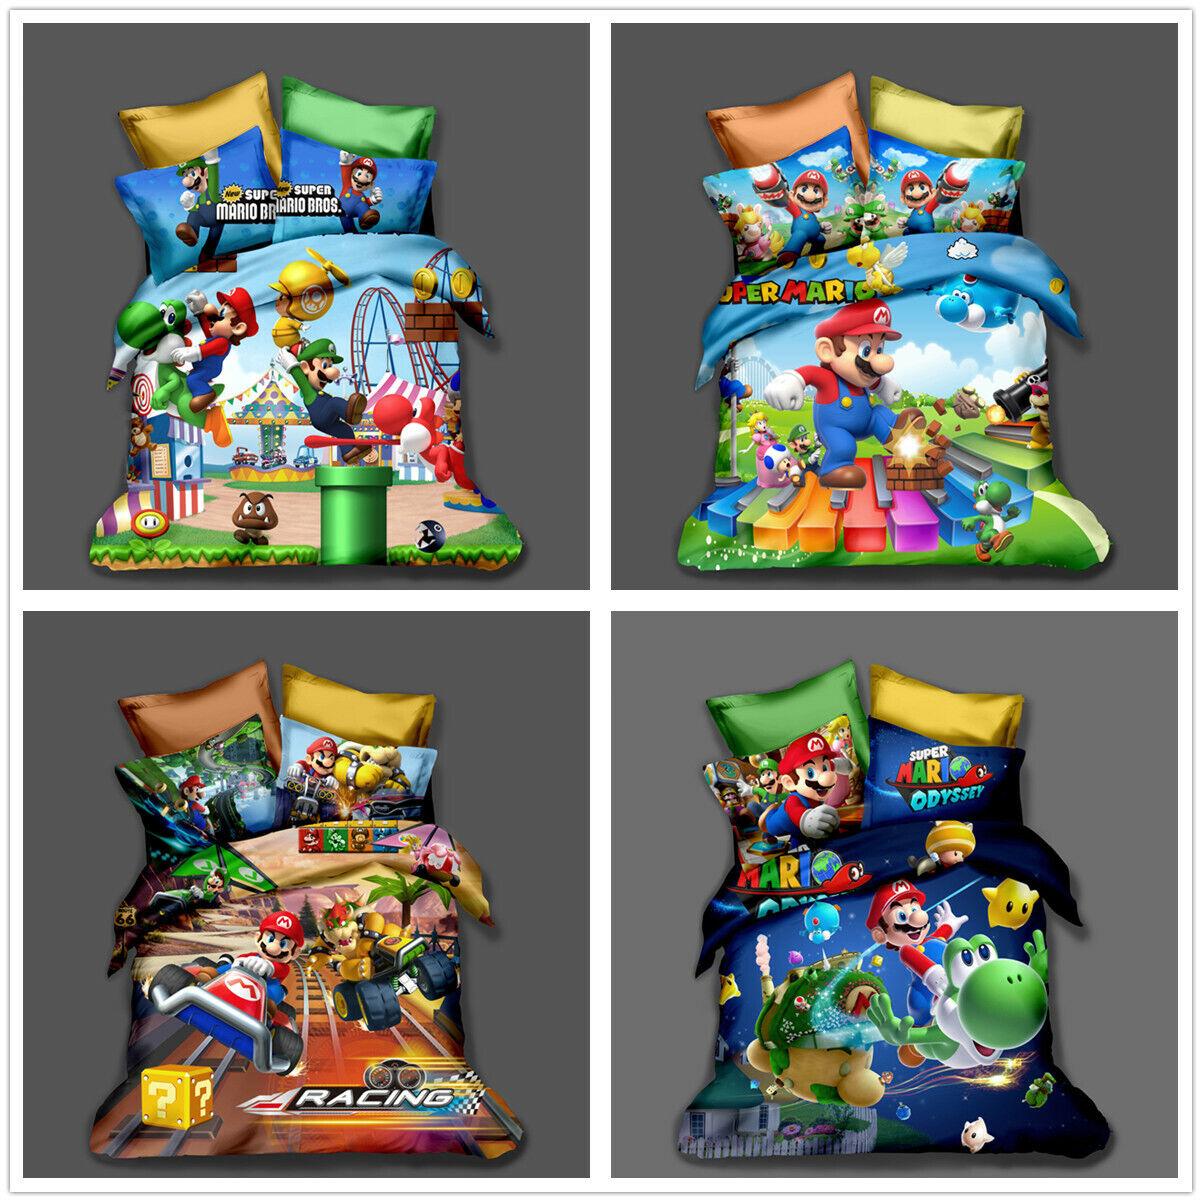 3D Super Mario Brougehers Enfants Quilt Duvet Doona Cover Bedding Set PilFaiblecase